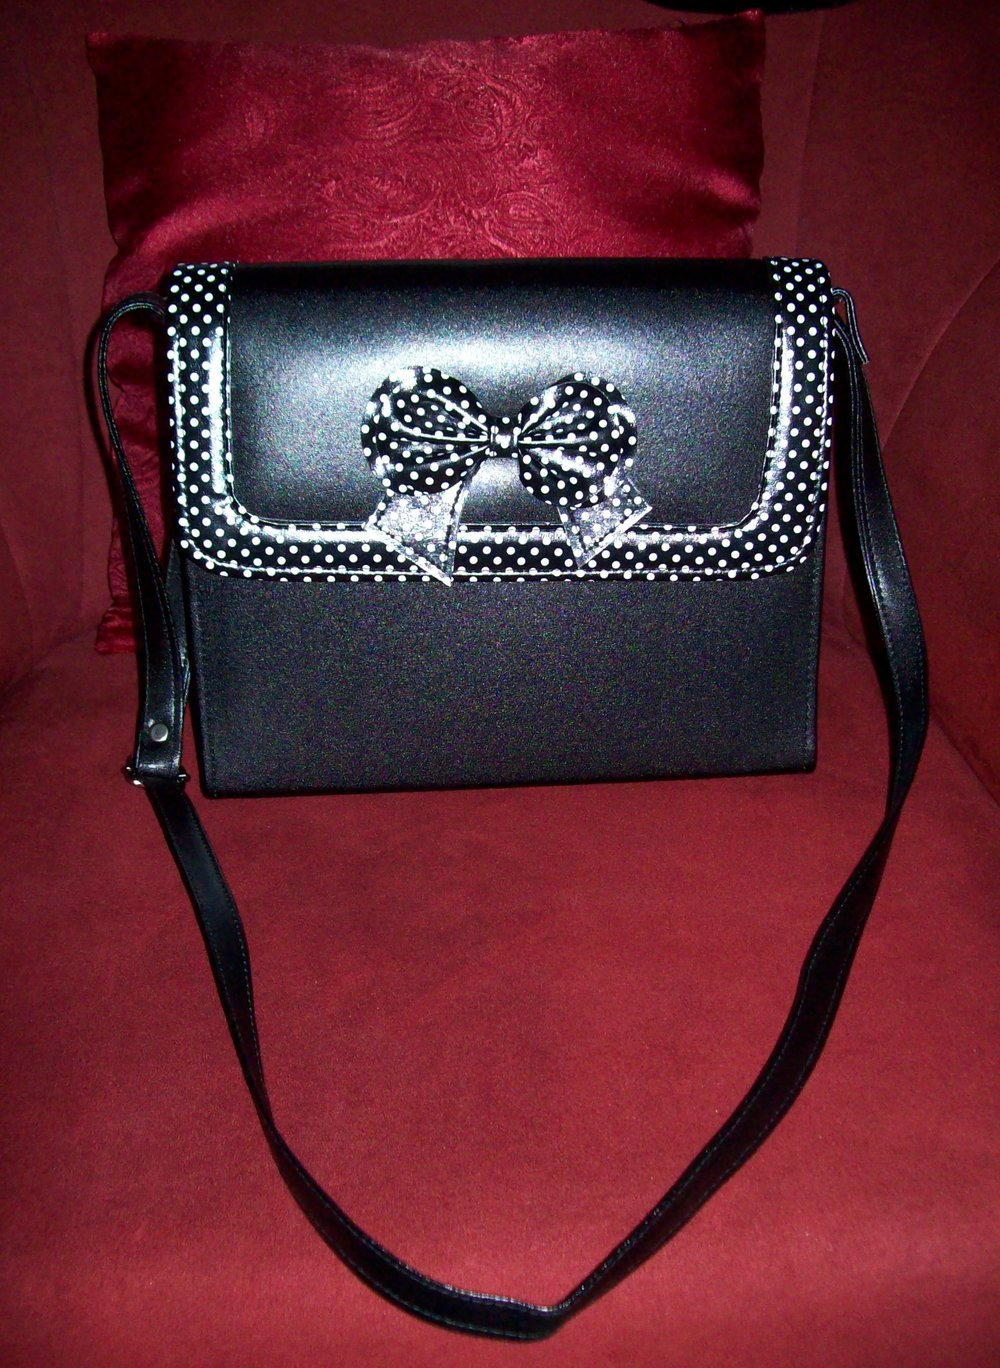 wunderschöne süße retro Vintage Handtasche 50s Polka Dot Punkte Schwarz Weiß Schleife Umhängetasche